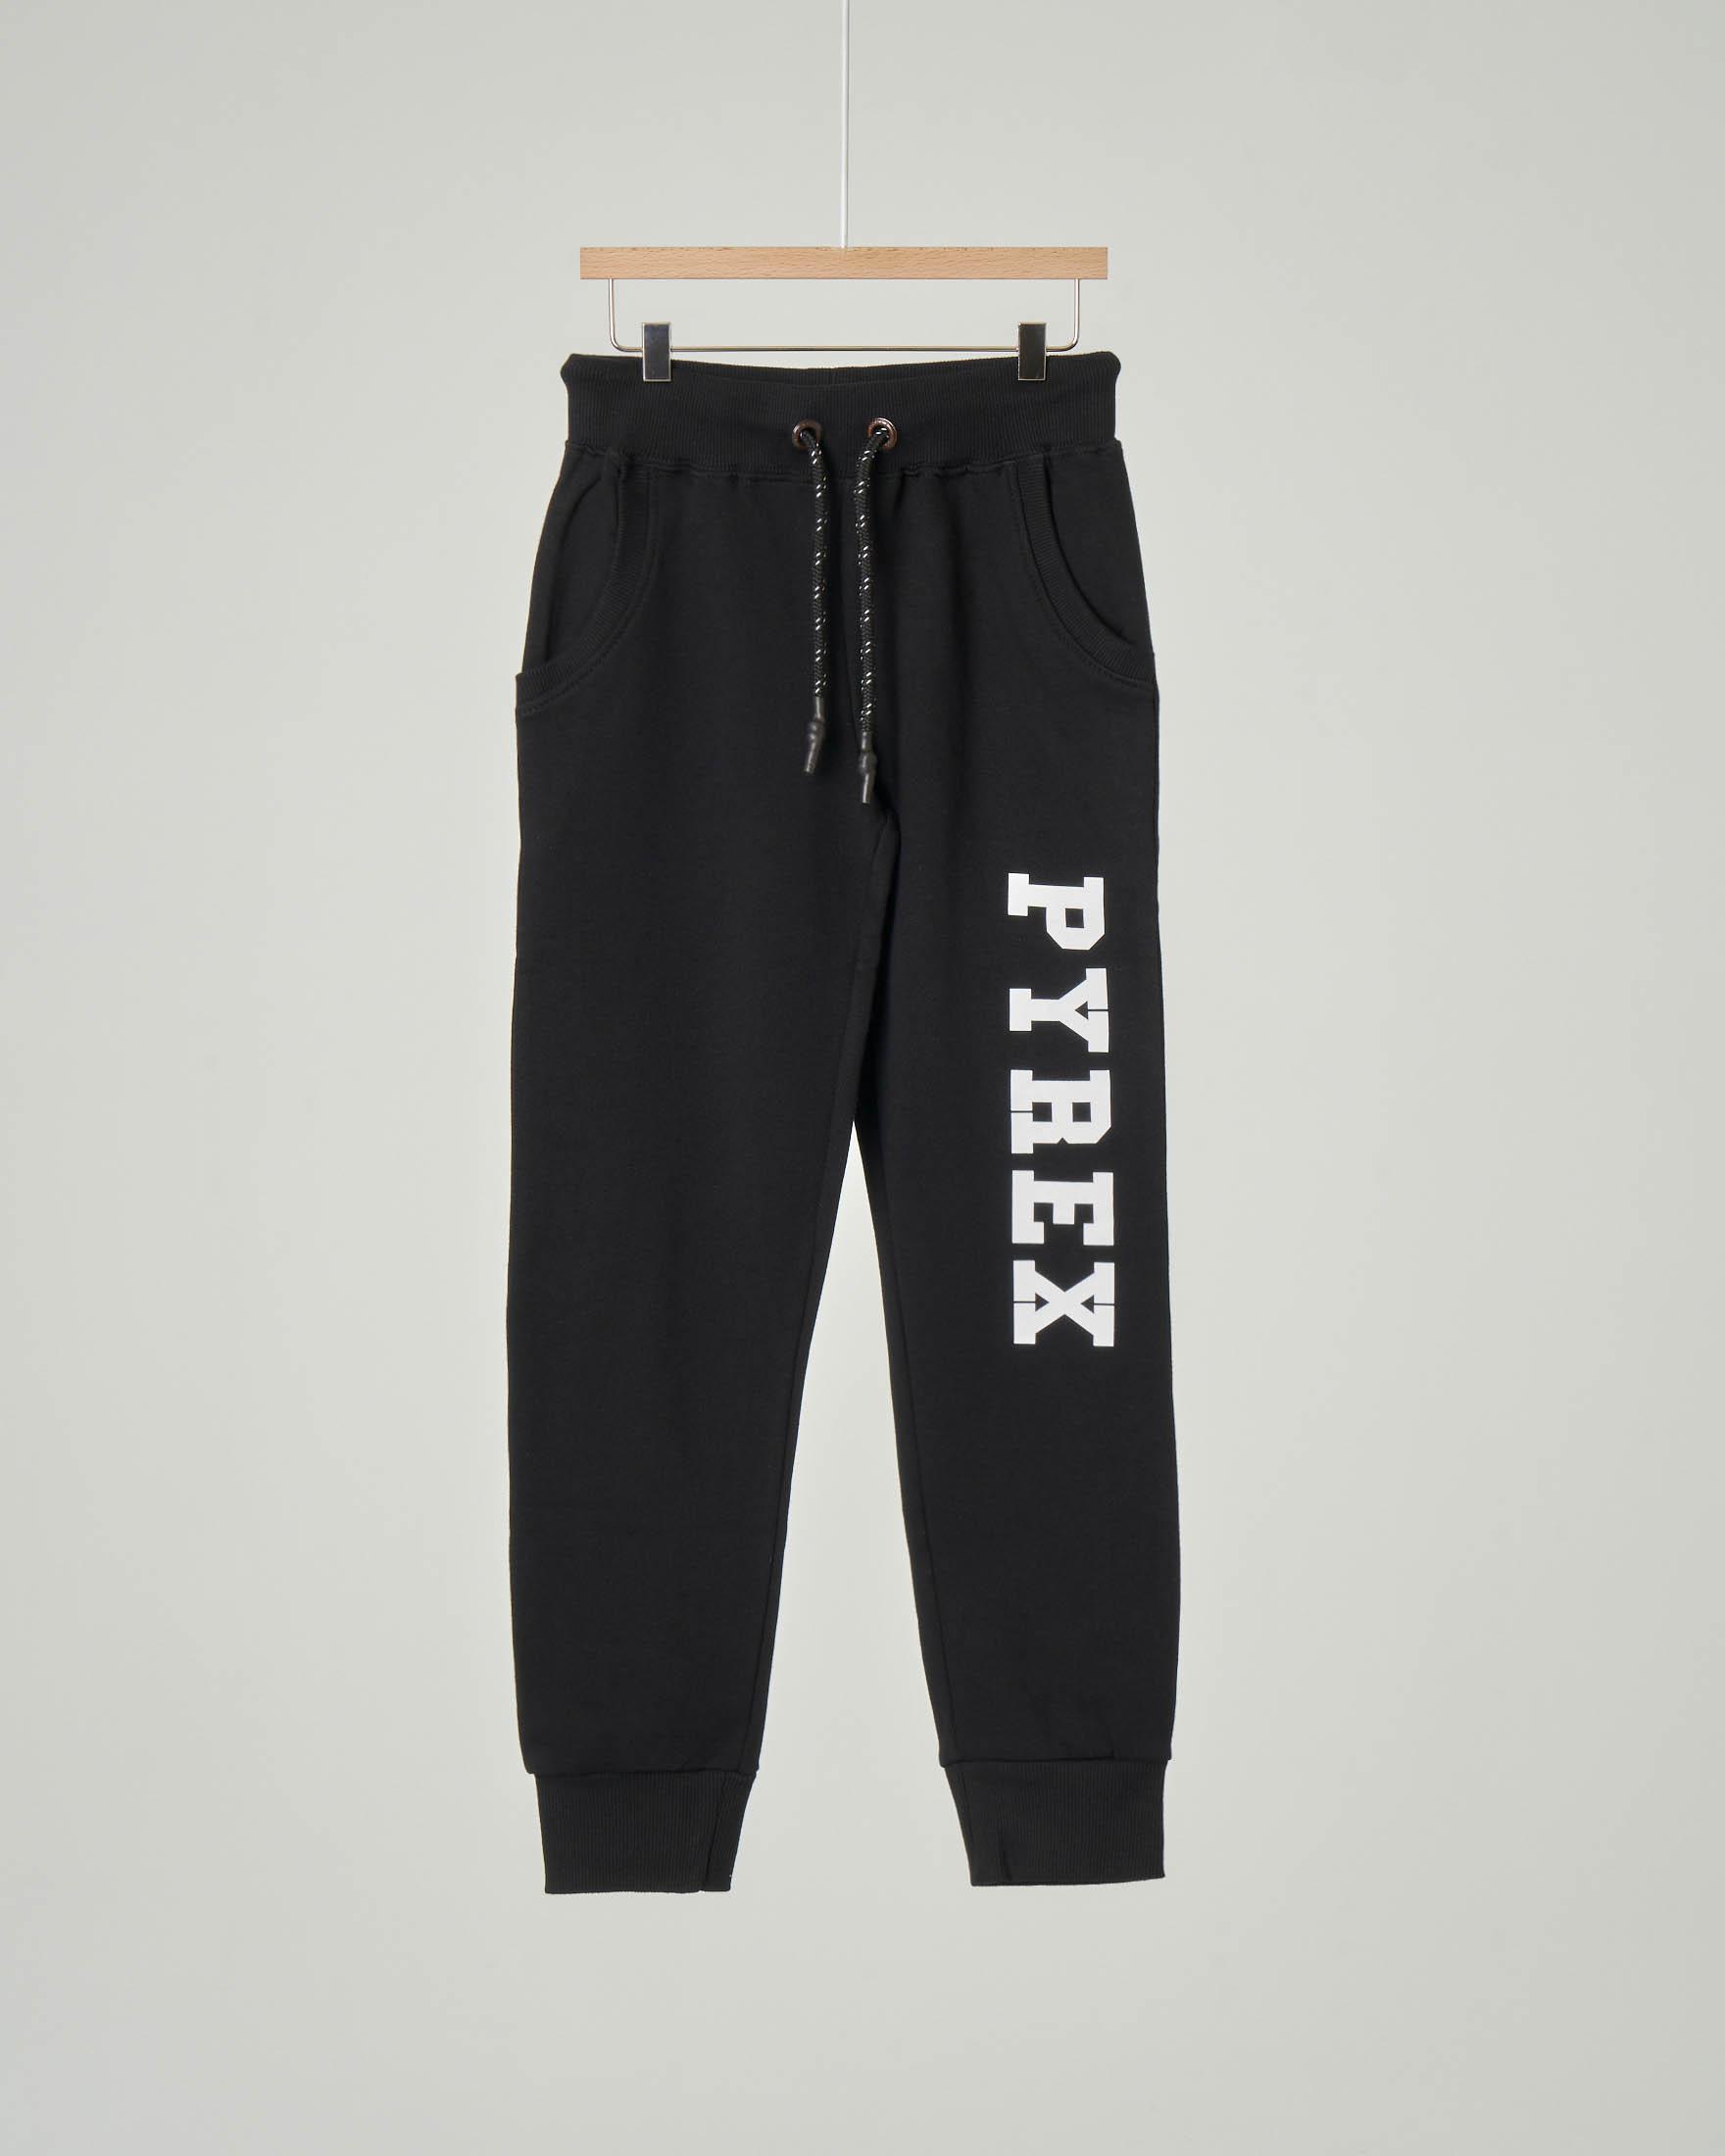 Pantalone nero in felpa con logo bianco lungo la gamba XS-2XL